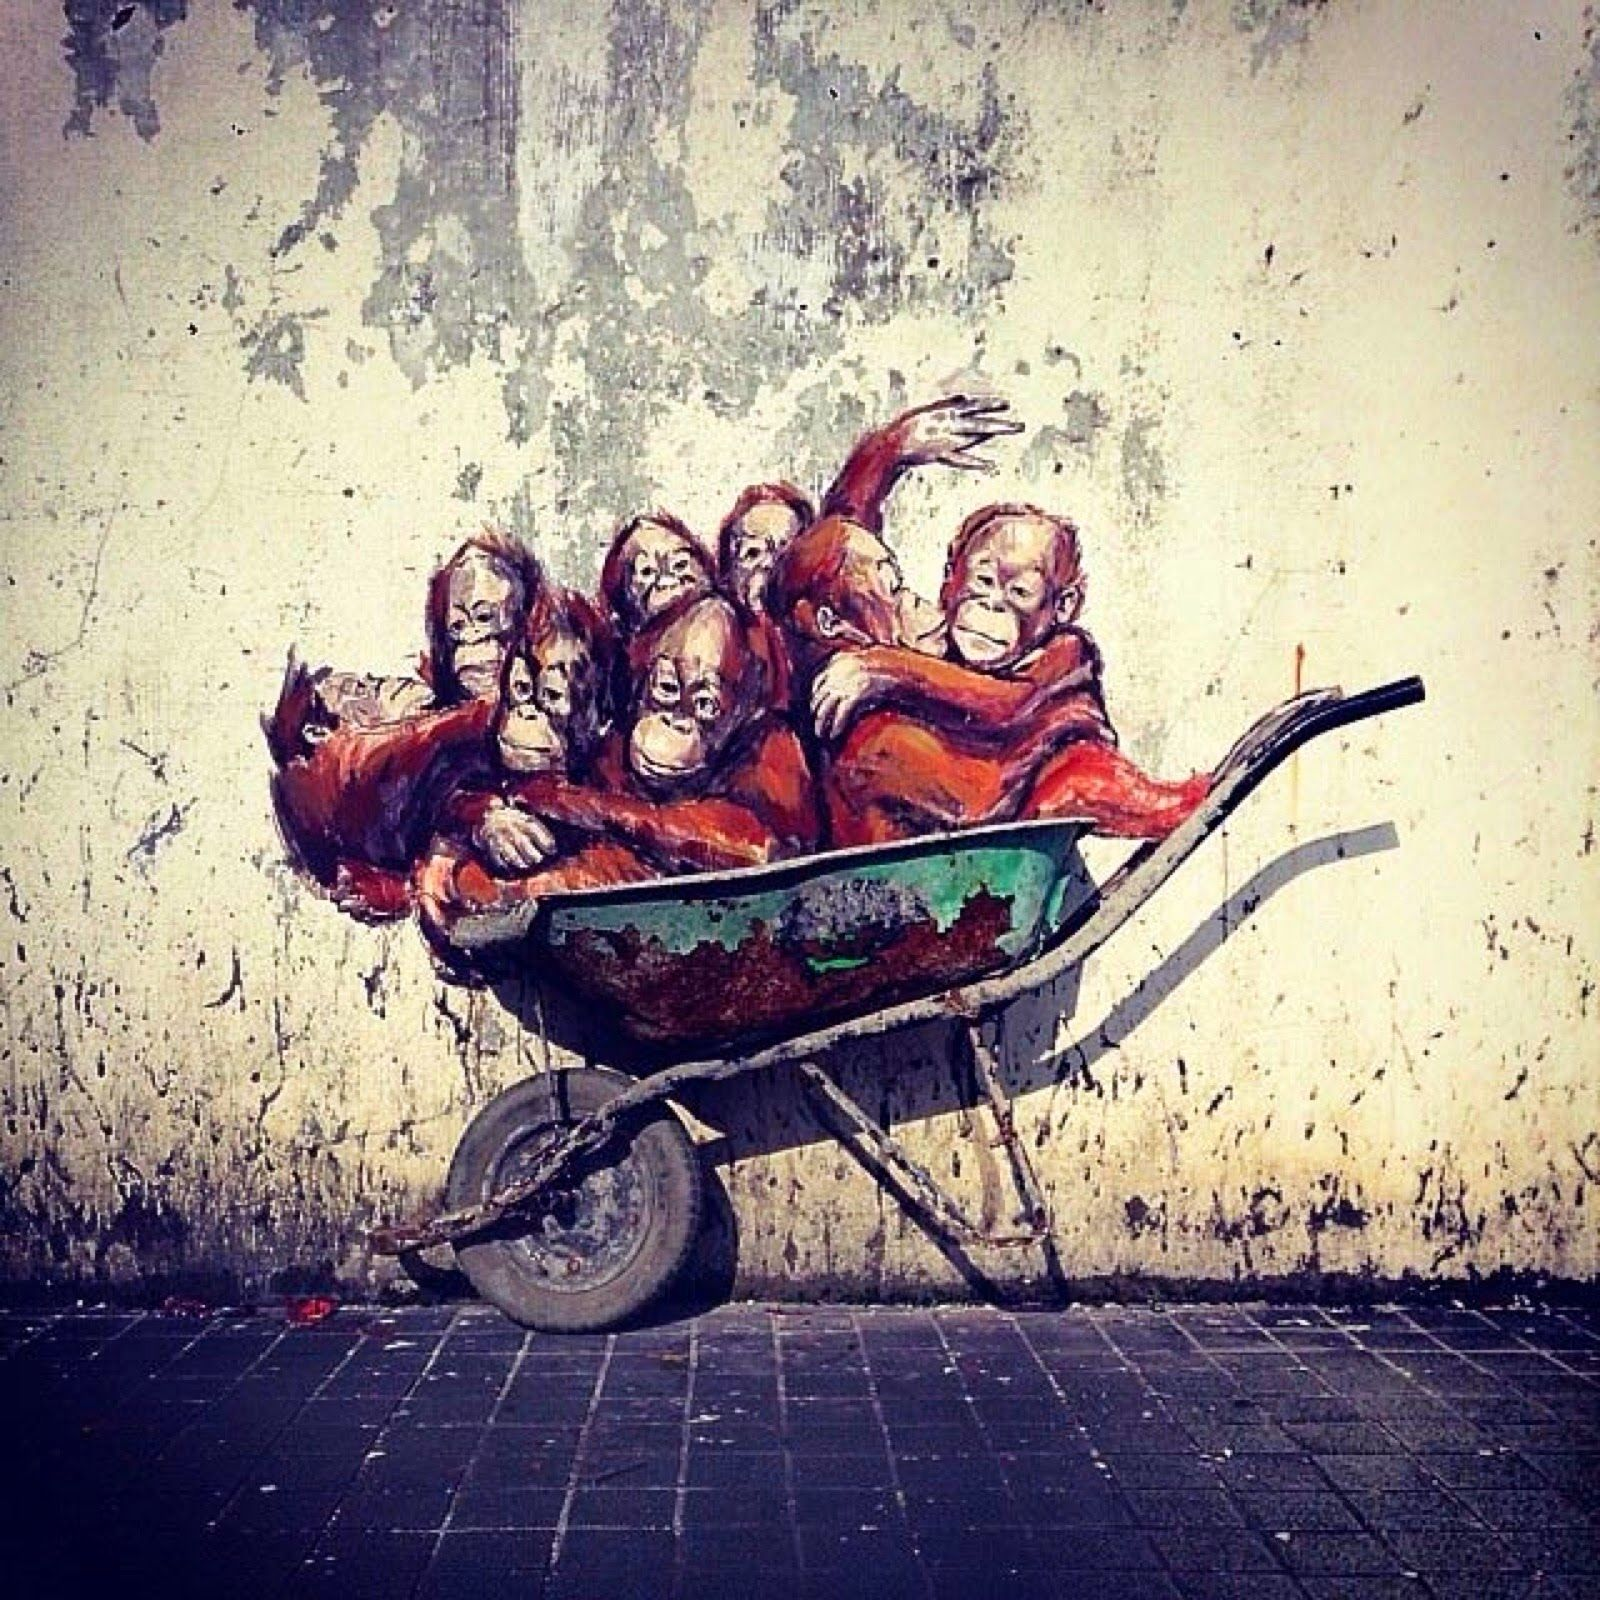 Car sticker design kuching - 17 Best Images About Art Street Art On Pinterest Martin O Malley Street Art And Murals